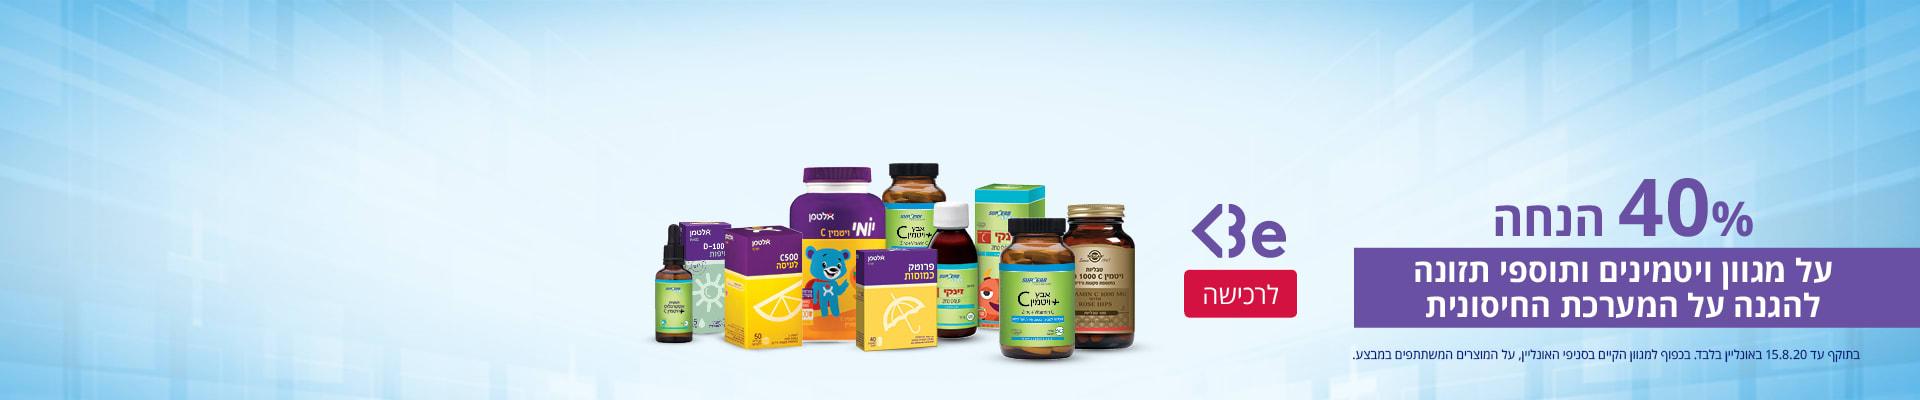 40% הנחה על מגוון ויטמינים ותוספי תזונה להגנה על המערכת החיסונית, לרכישה בתוקף עד 15.8.20 באונליין בלבד. בכפוף למגוון הקיים בסניפי האונליין, על המוצרים המשתתפים במבצע